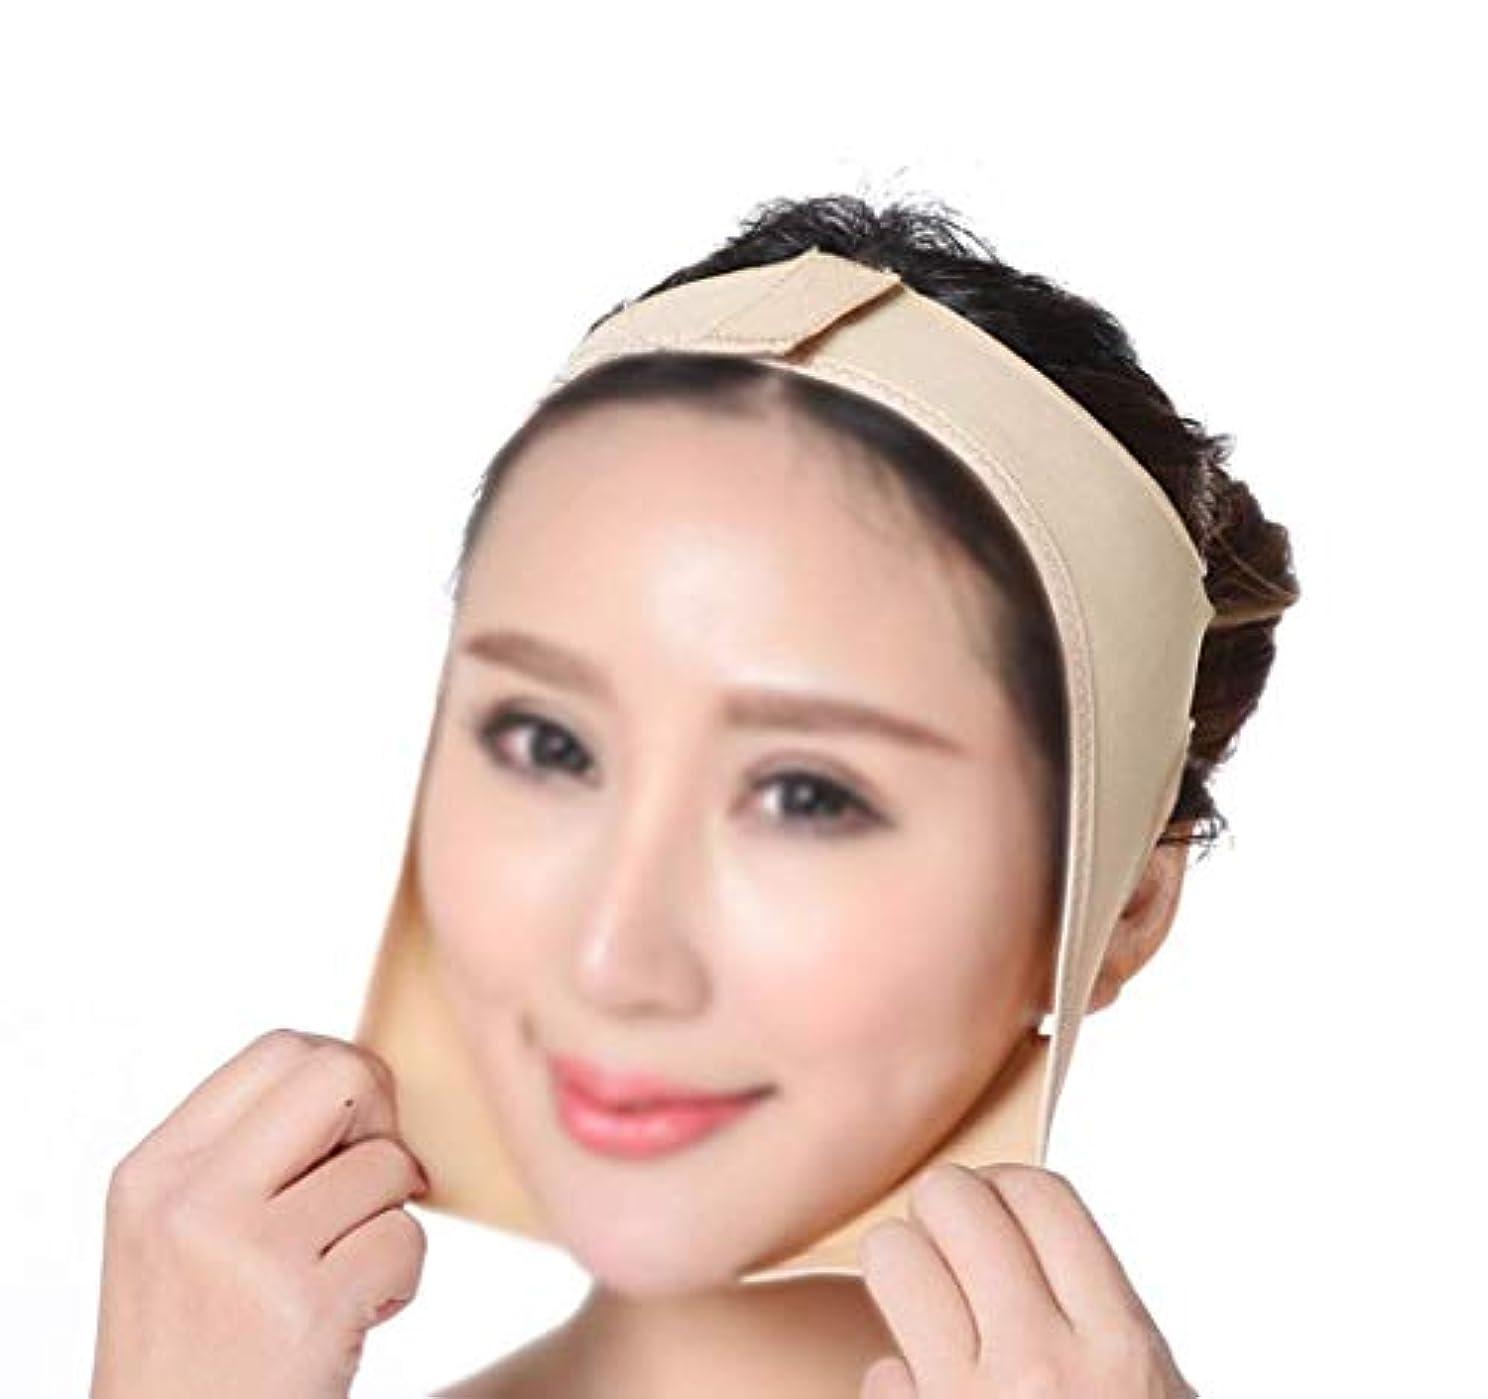 剛性ガロンスペースファーミングフェイスマスク、通気性フェイスバンデージVフェイスデバイススリープ薄型フェイスマスクフェイスマッサージ器具フェイスリフティングフェイスリフティングツール(サイズ:Xl),M